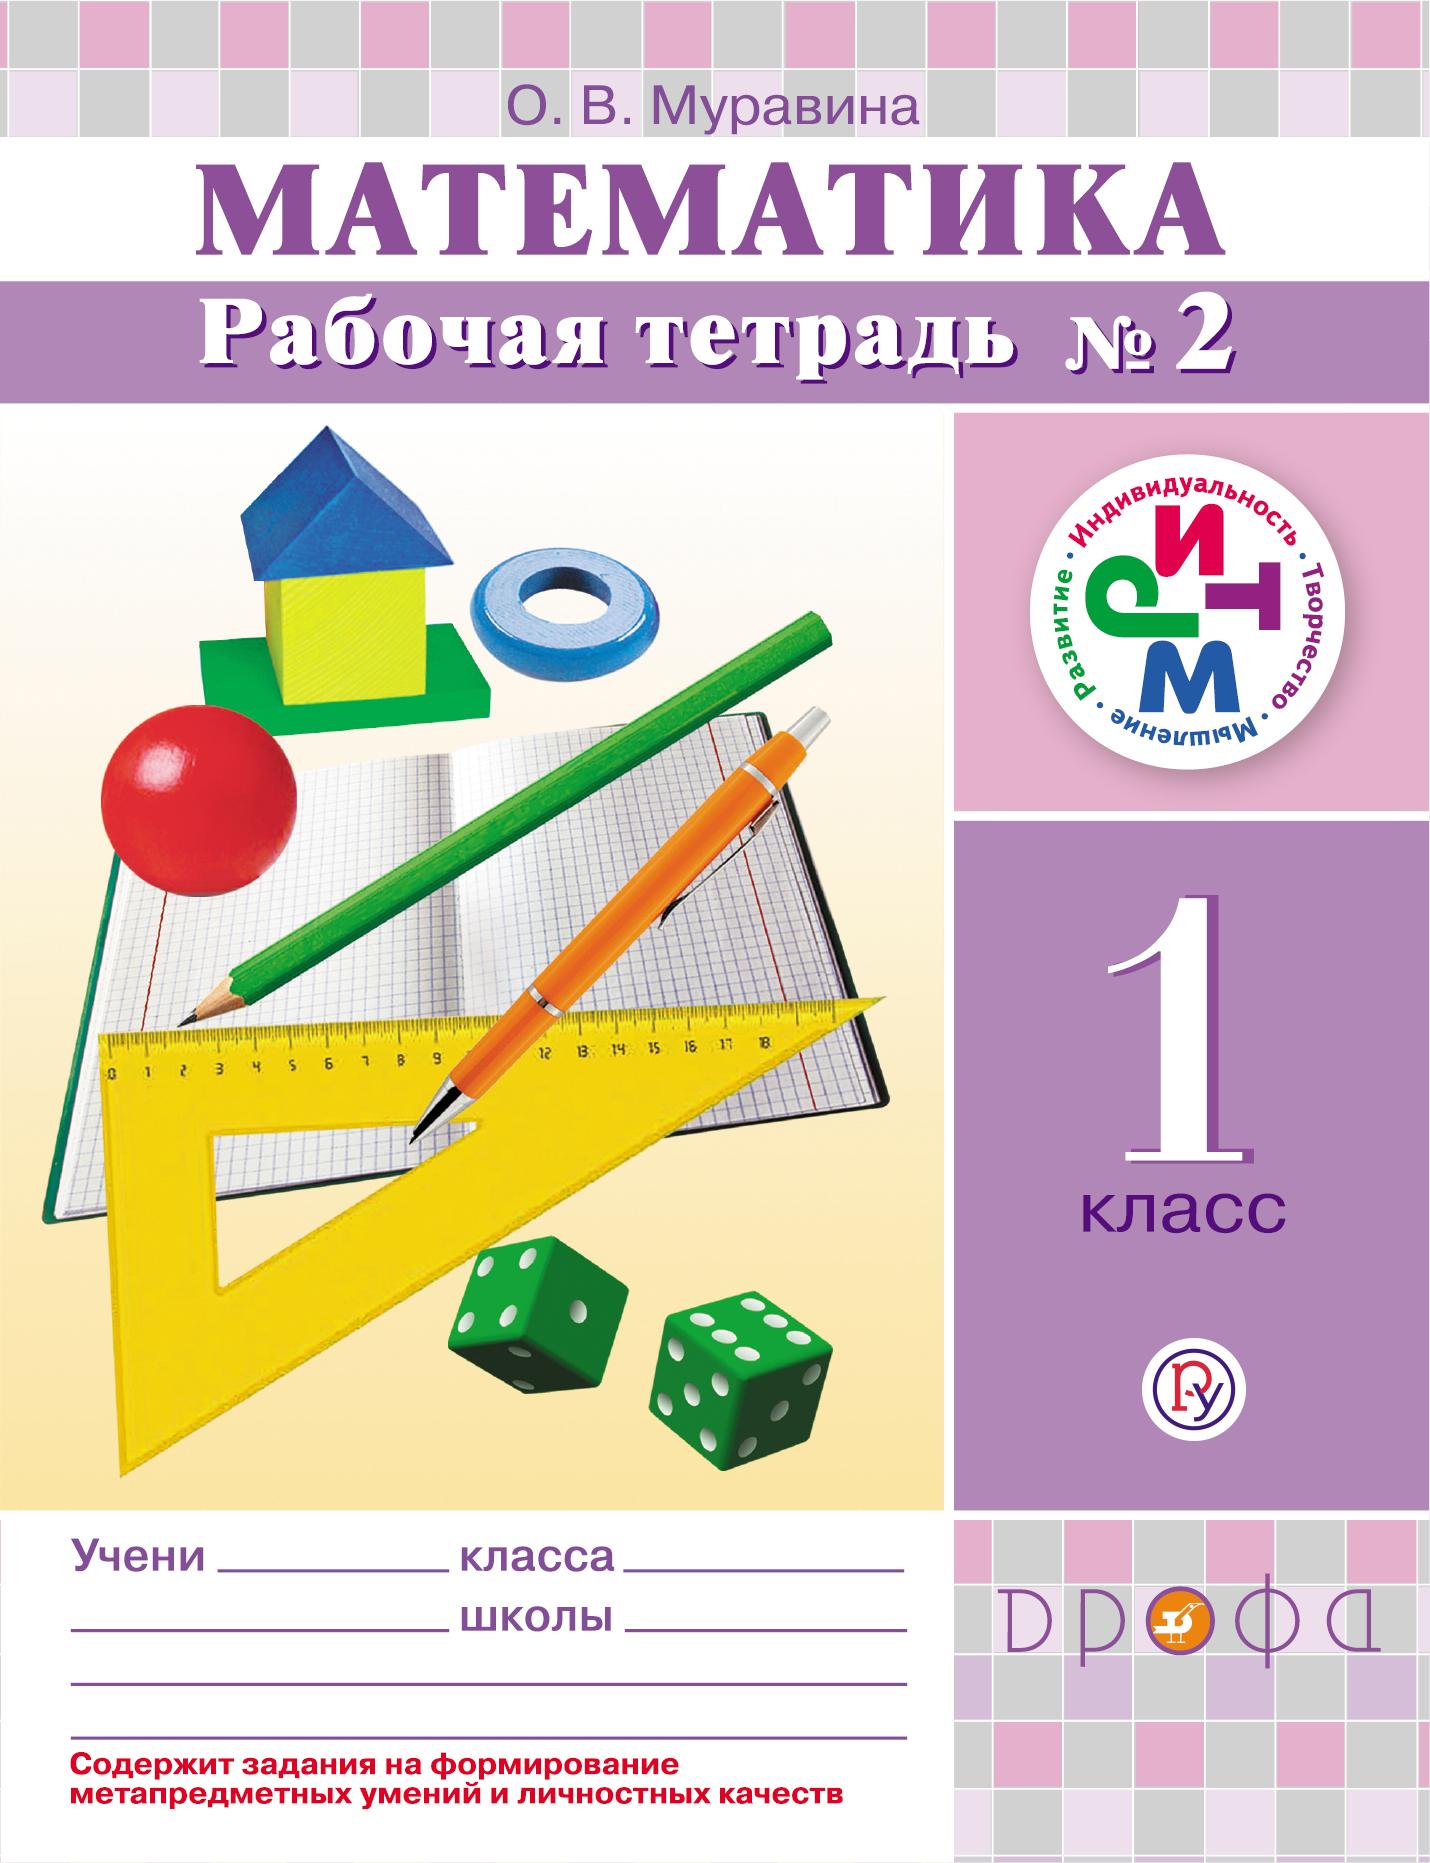 Математика. 1 класс. Рабочая тетрадь №2 от book24.ru